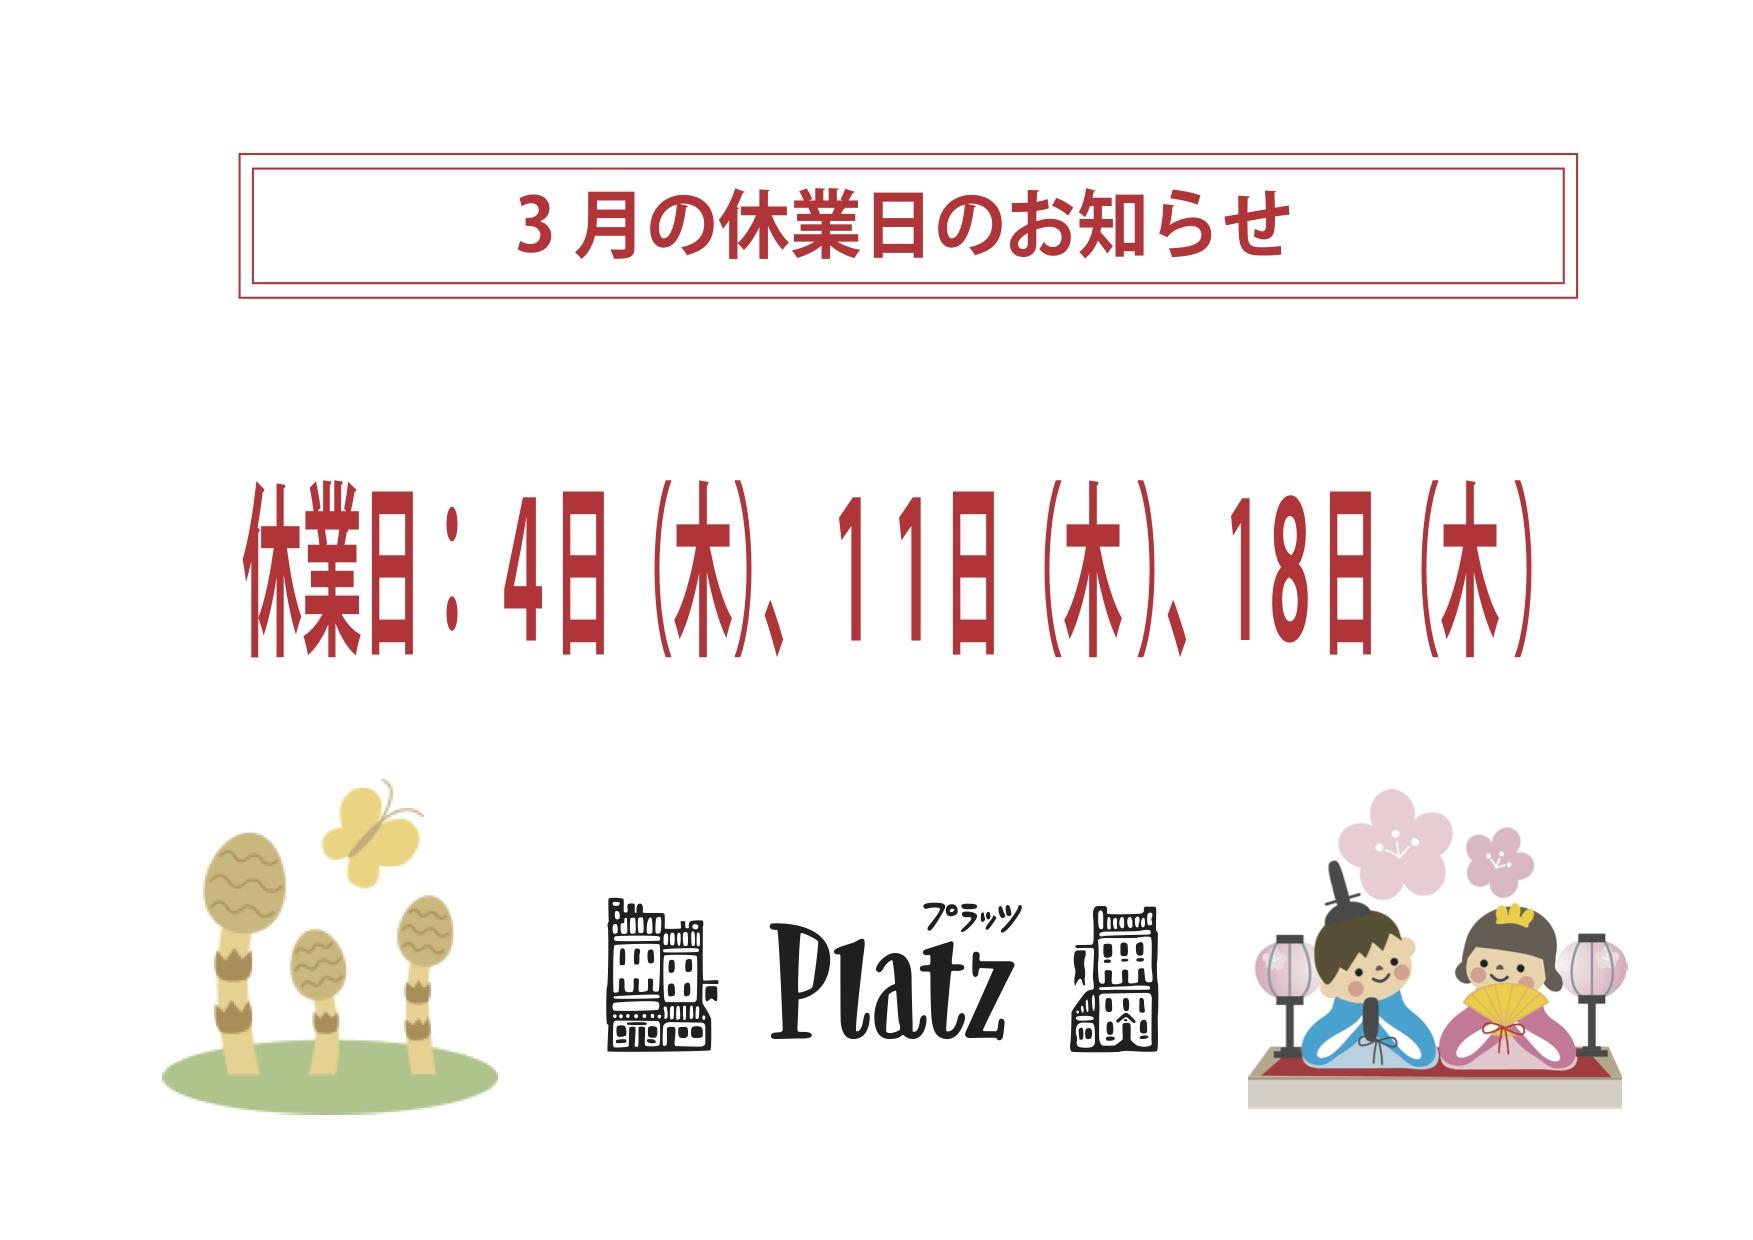 http://www.kyoto-platz.jp/news/images/2020.3%E6%9C%88%E4%BC%91%E6%A5%AD%E6%97%A5.jpg